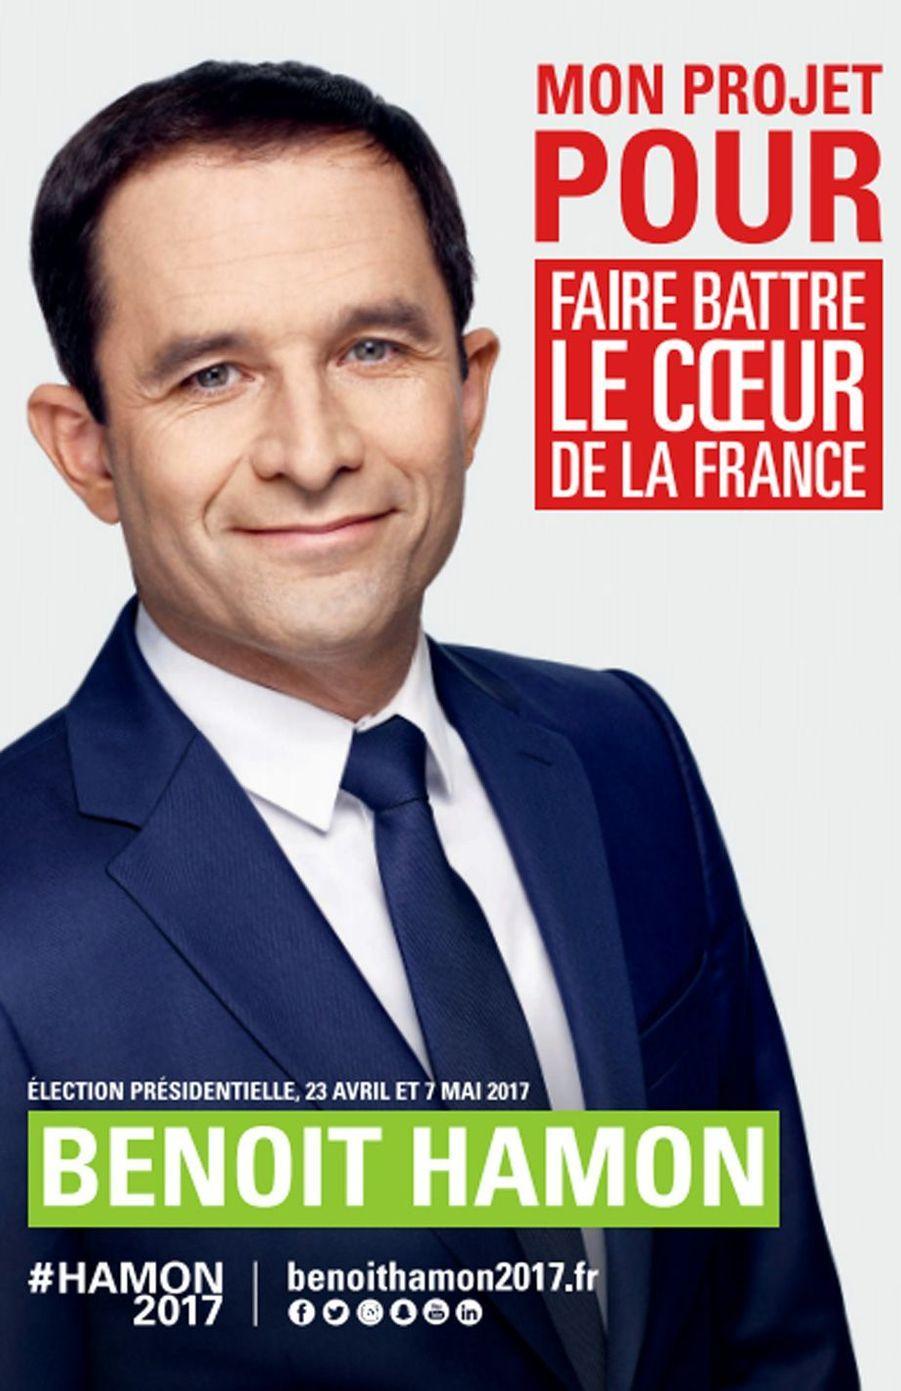 Benoît Hamon (Parti socialiste)